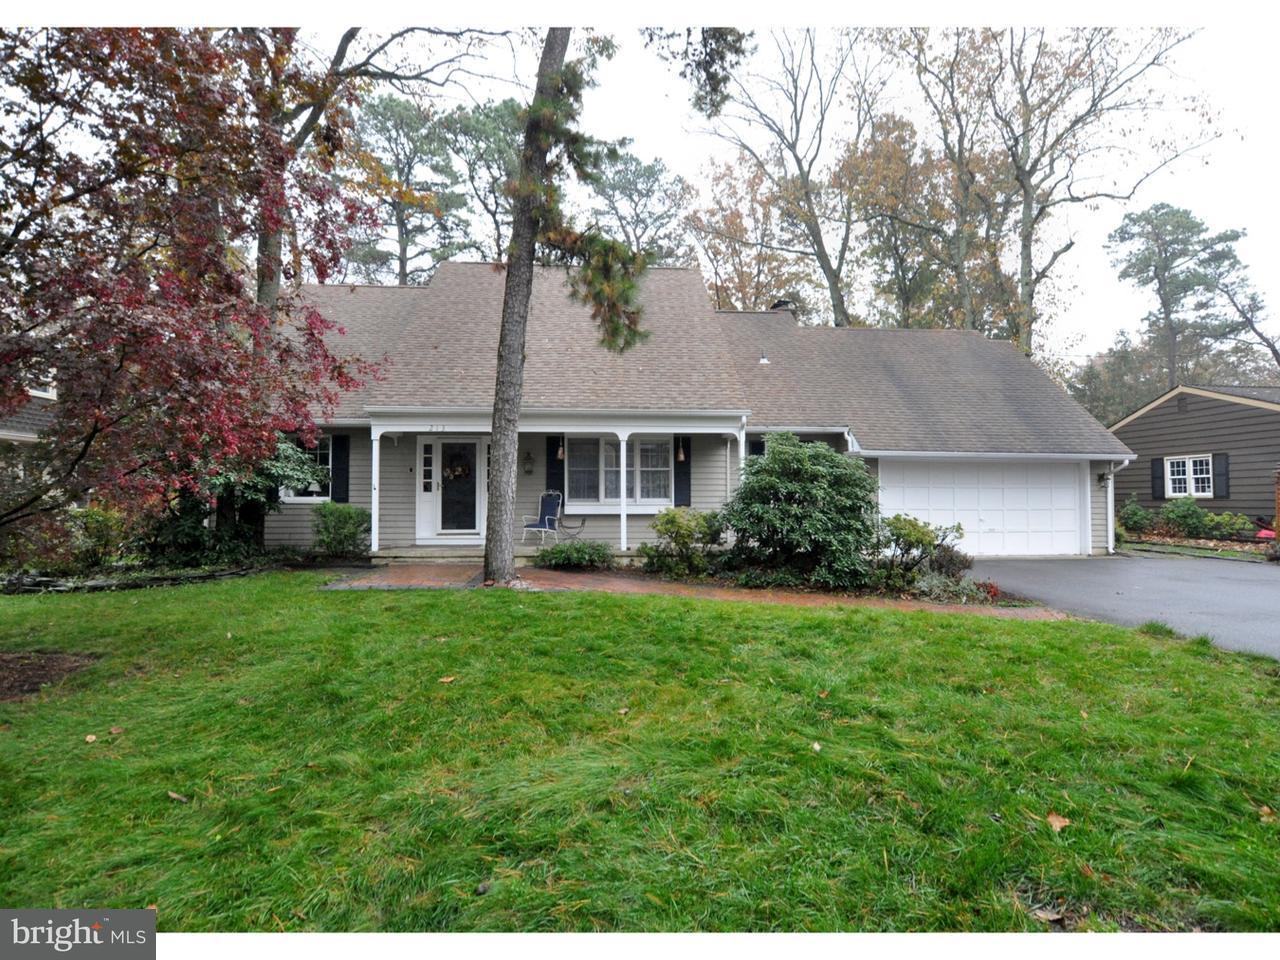 独户住宅 为 销售 在 213 SIOUX Trail Medford Lakes, 新泽西州 08055 美国